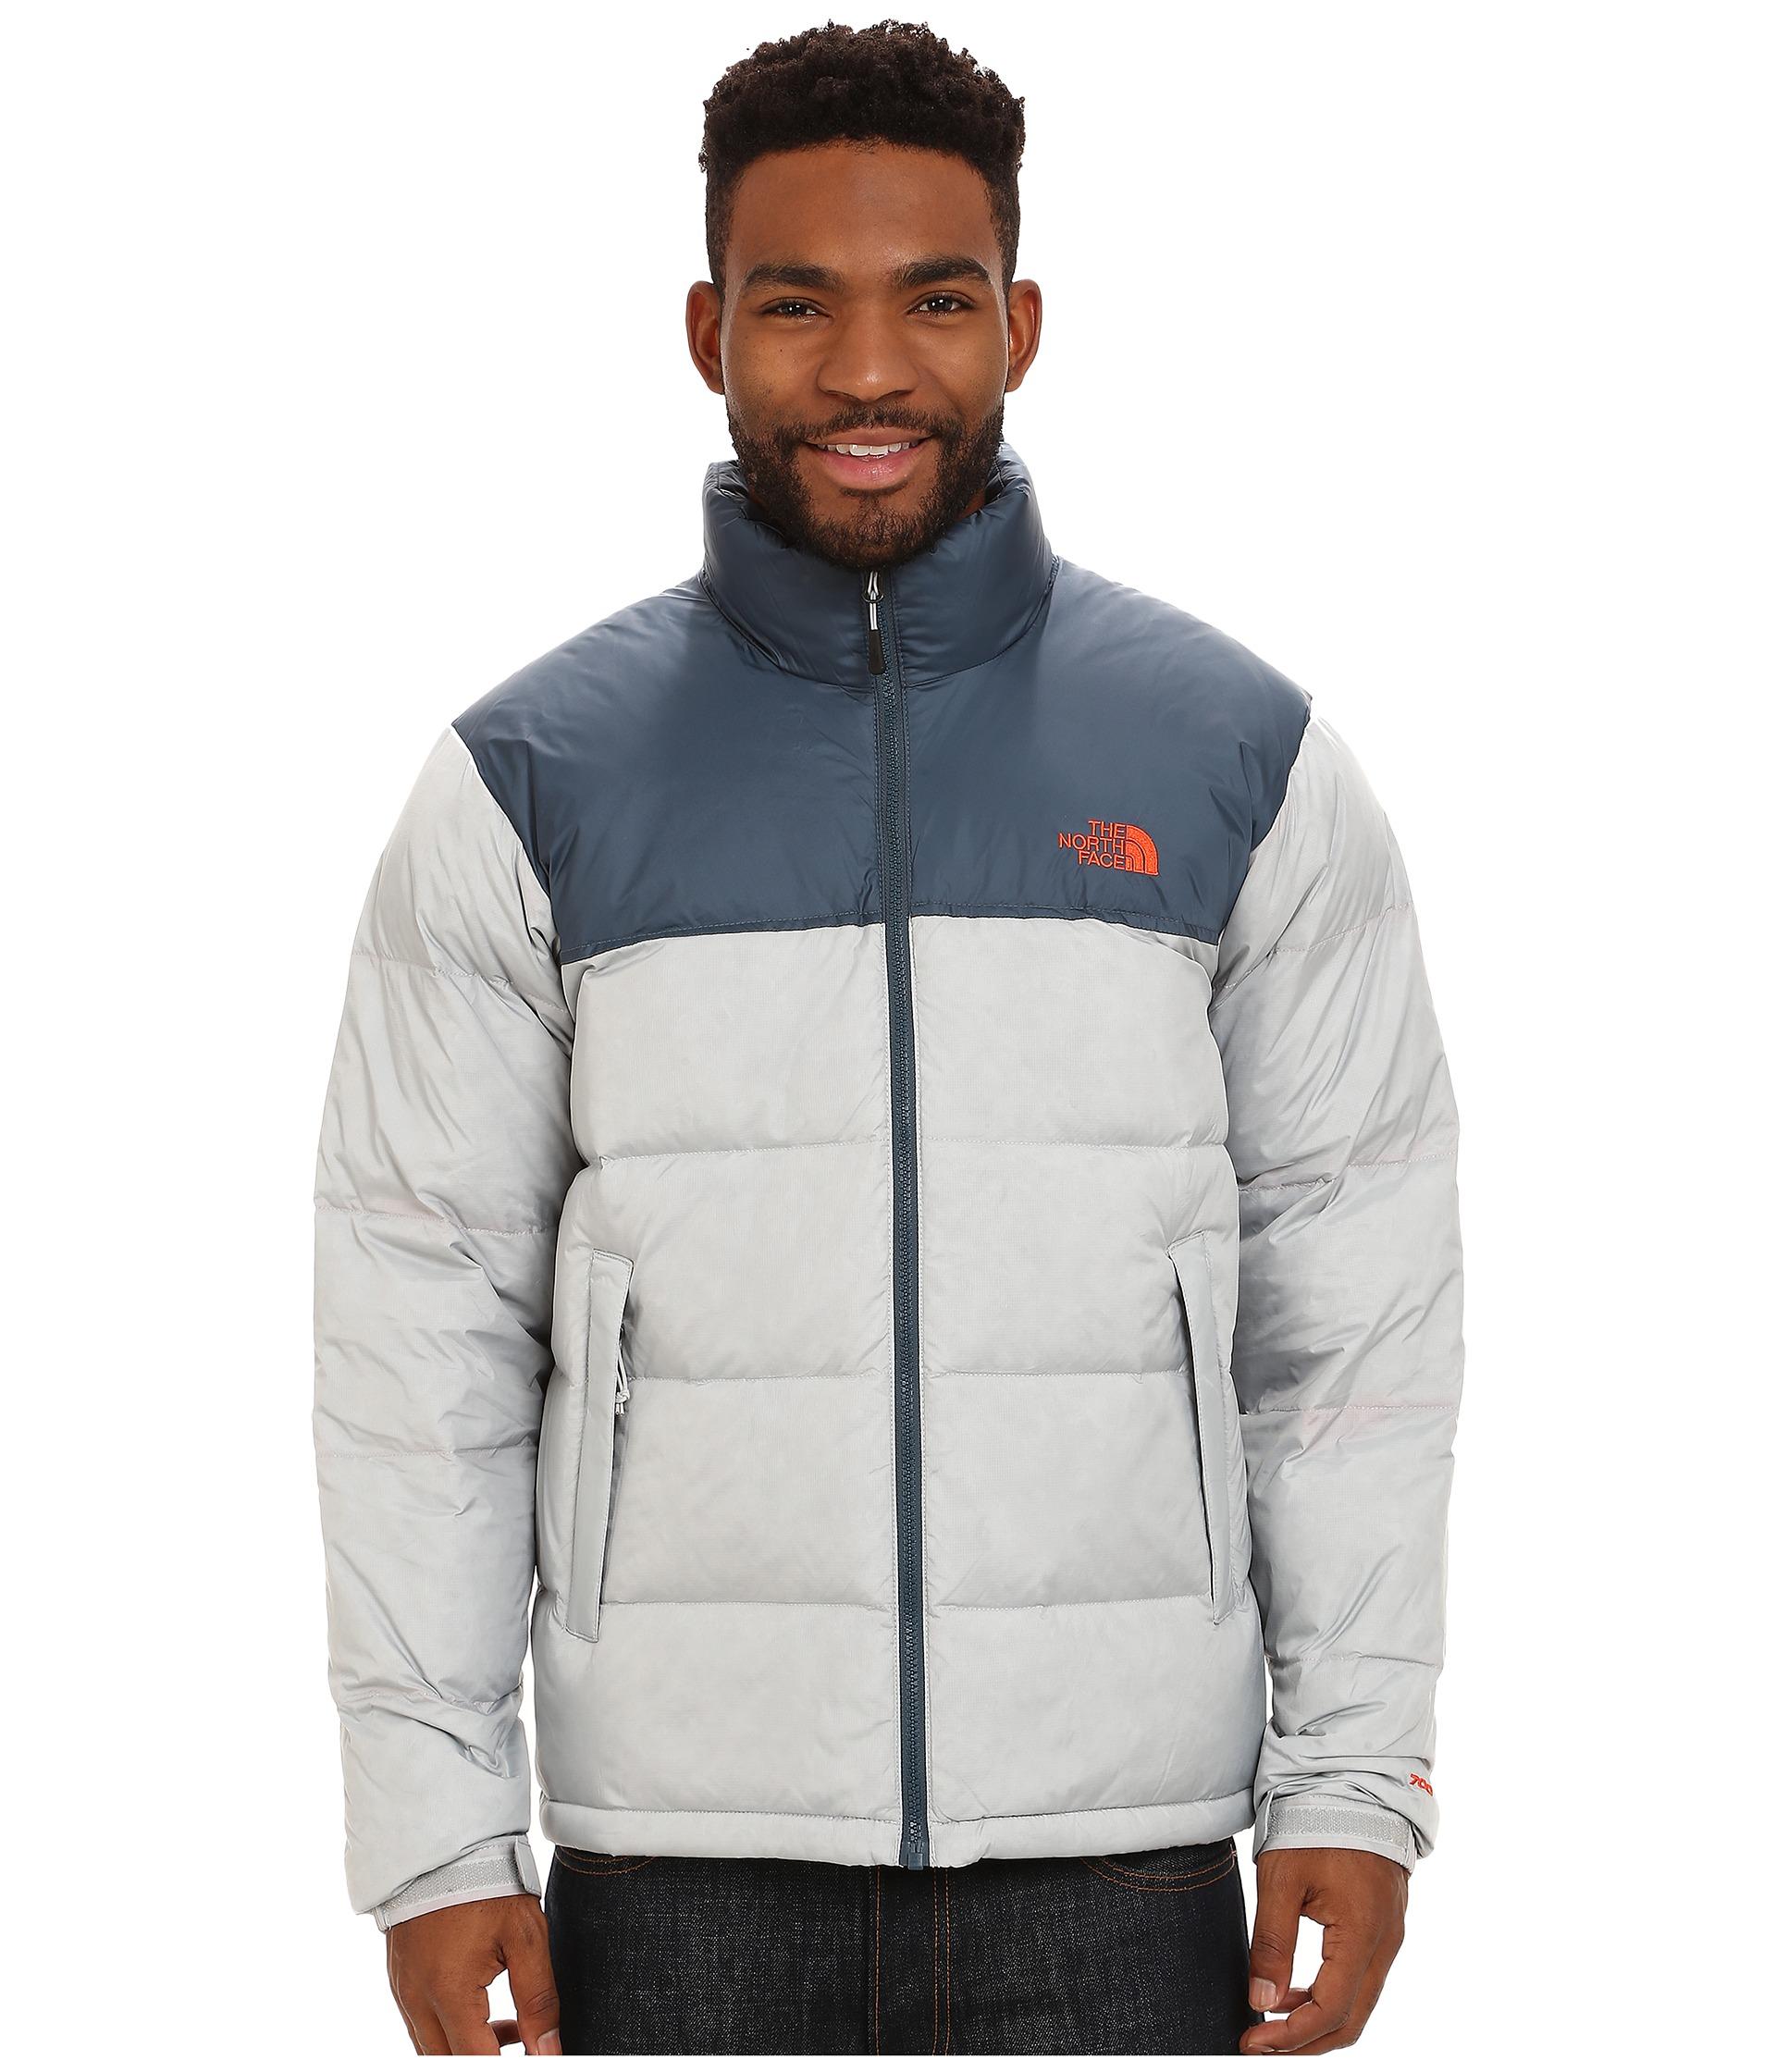 north face mens nuptse jacket - Marwood VeneerMarwood Veneer 6c4fcabaa